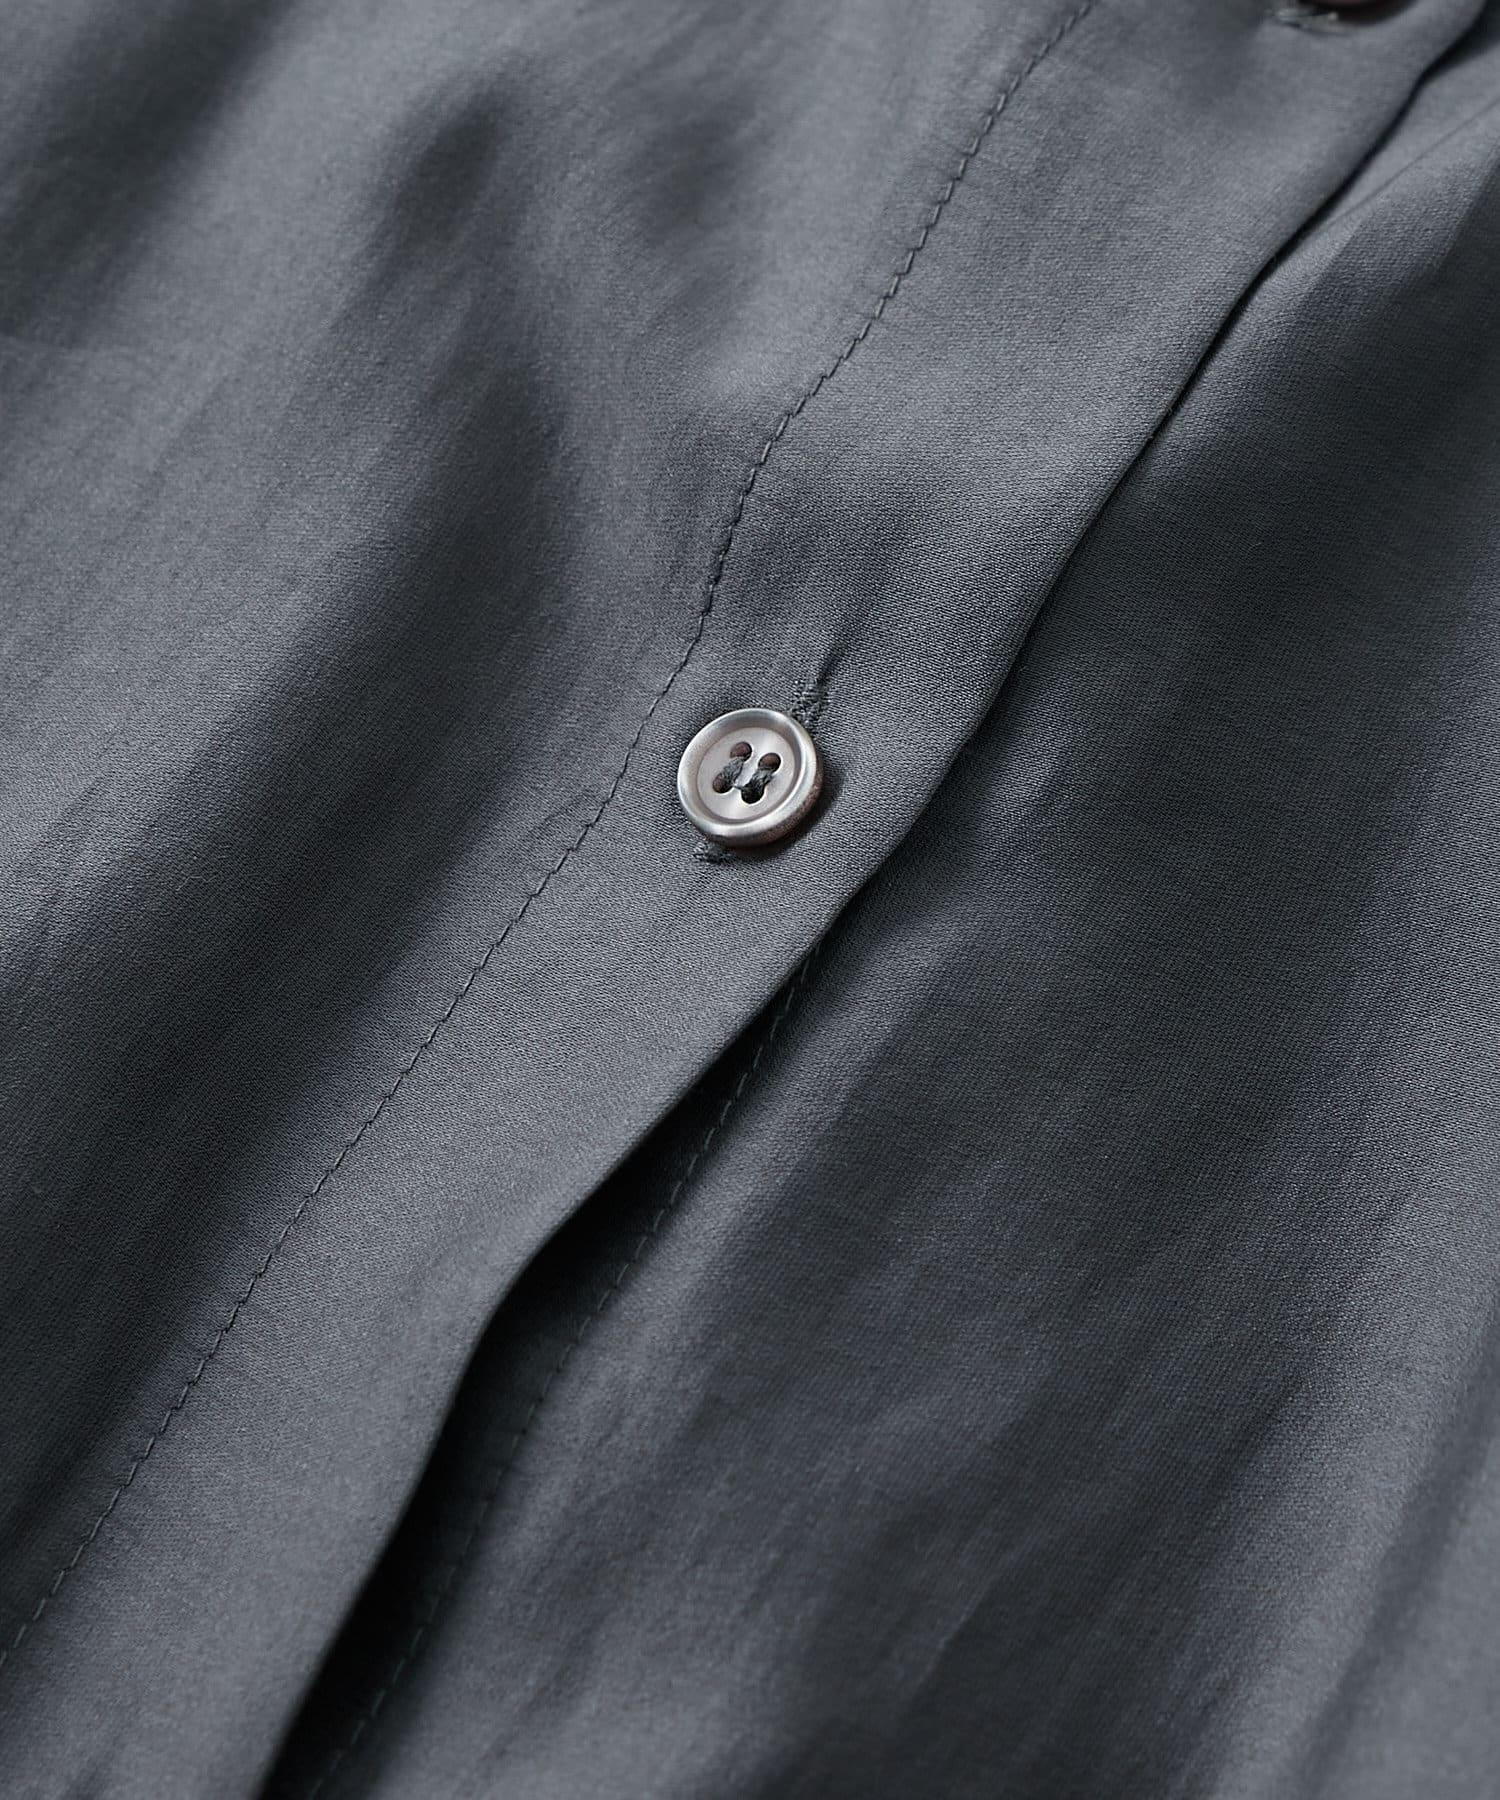 La boutique BonBon(ラブティックボンボン) 【手洗い可】シアーテンセルシャツワンピース